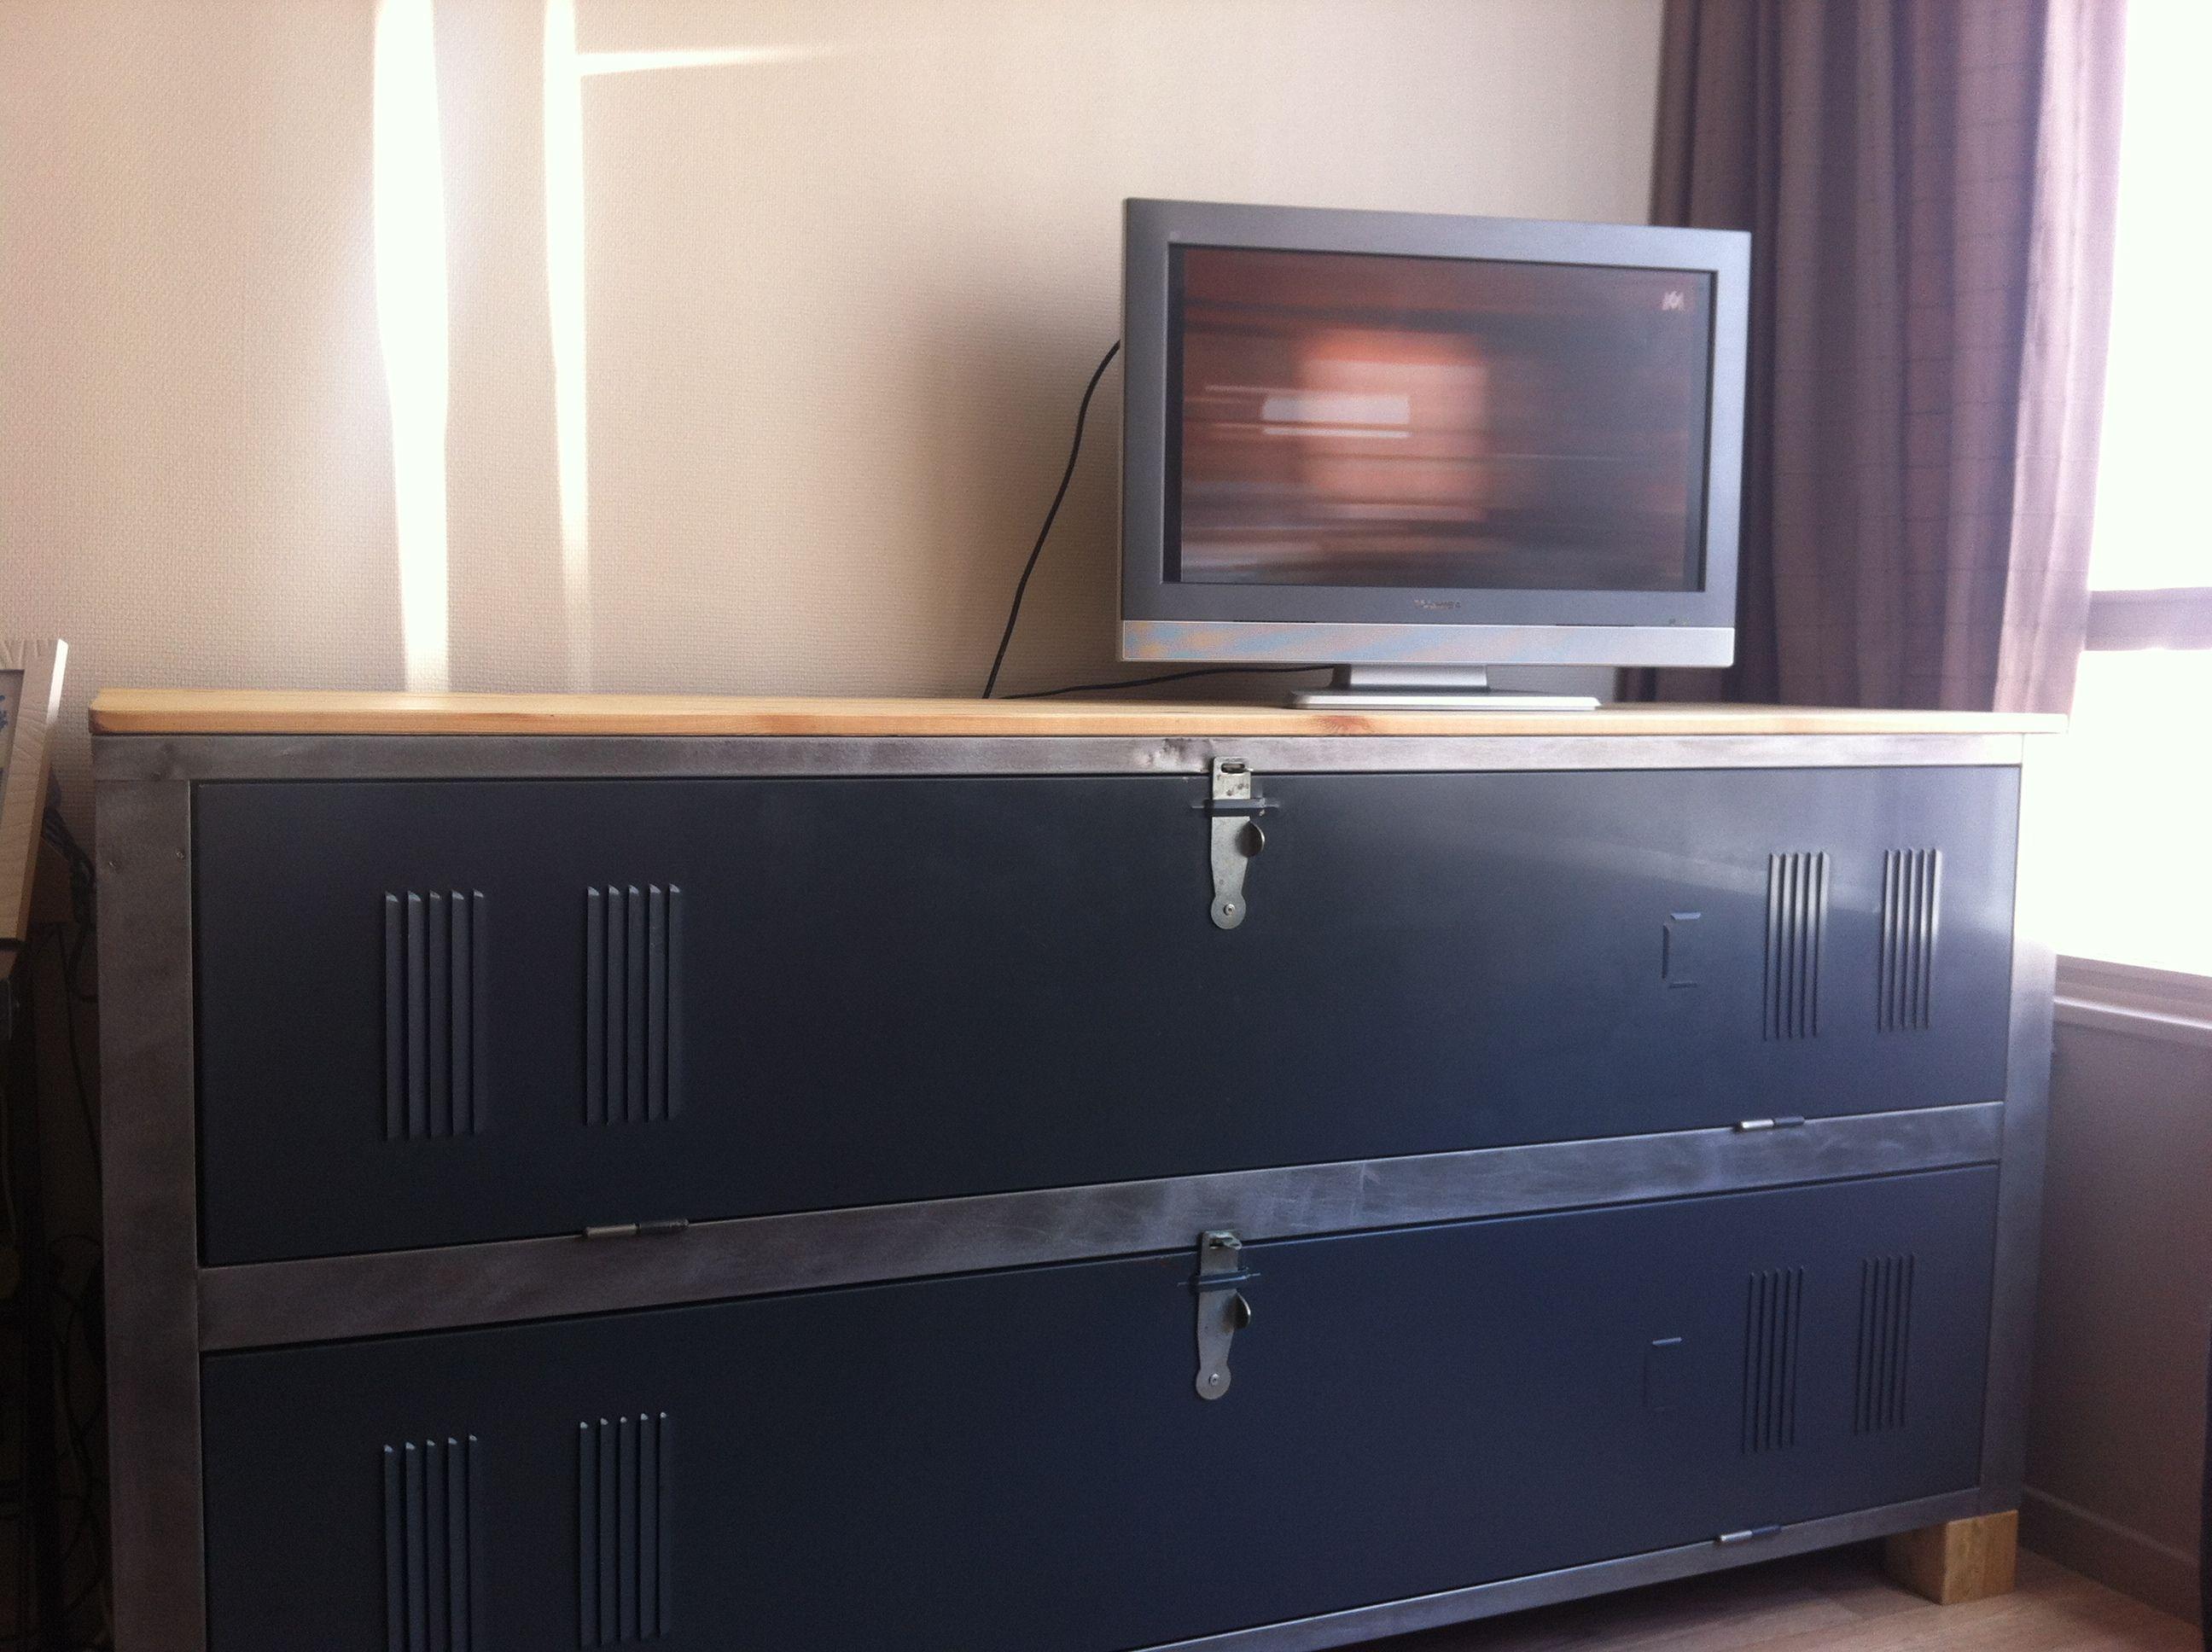 industrial vestiaire tv fourniture sterling wood. Black Bedroom Furniture Sets. Home Design Ideas